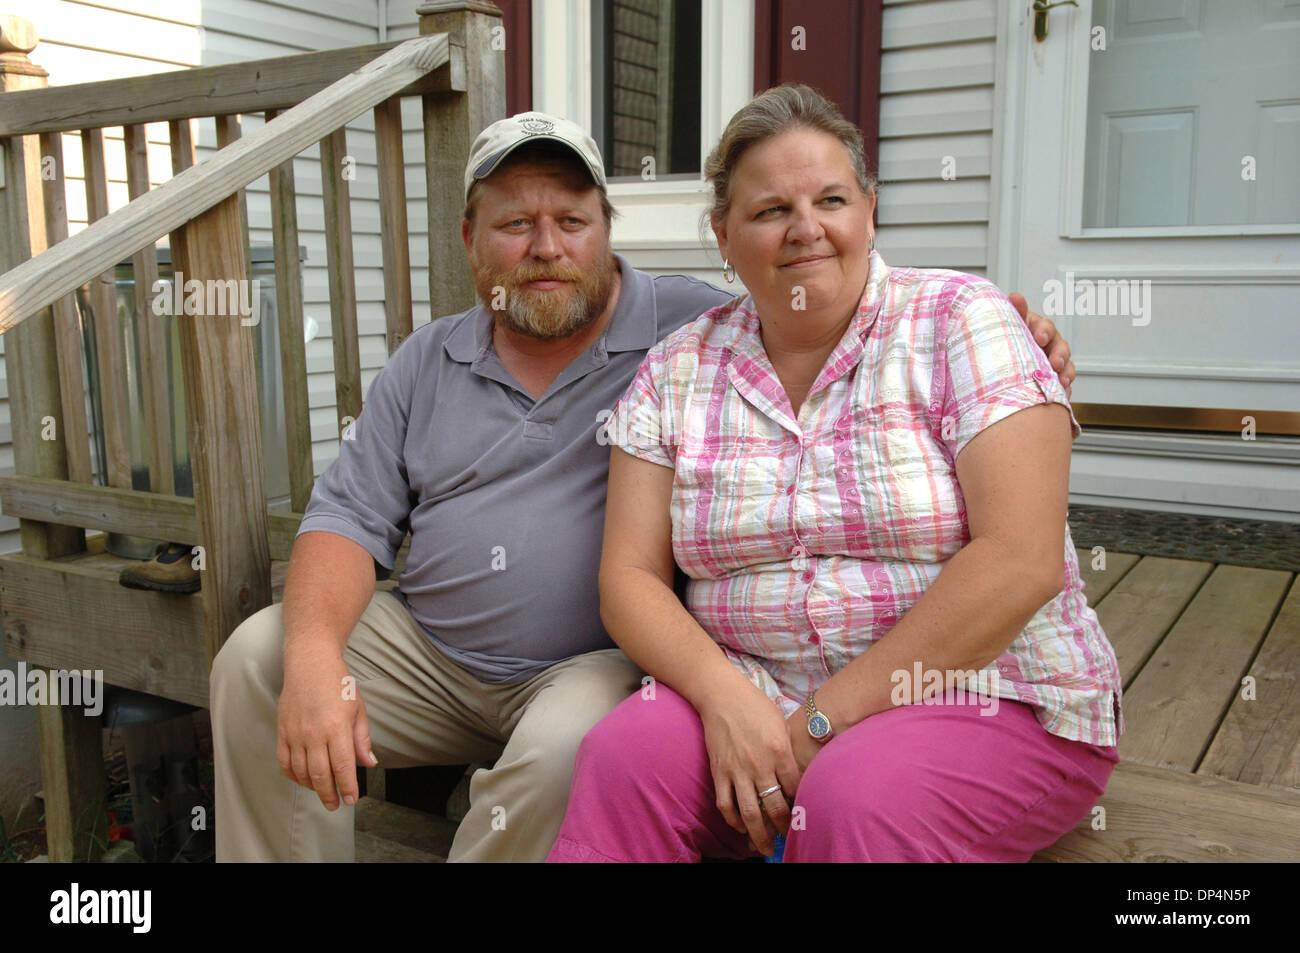 Aug 17, 2006; Atlanta, GA, USA; Scott et sa femme DANA SHEPLER de Woodstock, GA qui étaient amis avec John Karr, rappeler son penchant pour les très jeunes filles. Dana a rappelé fois 20 ans plus tôt lorsqu'elle, comme une jeune adolescente, a vu les filles à molester John parties après avoir fumé de la marijuana et souffla l'oxyde nitreux. Crédit obligatoire: Photo de Robin Nelson/ZUMA Press. (©) Copyright 2 Photo Stock